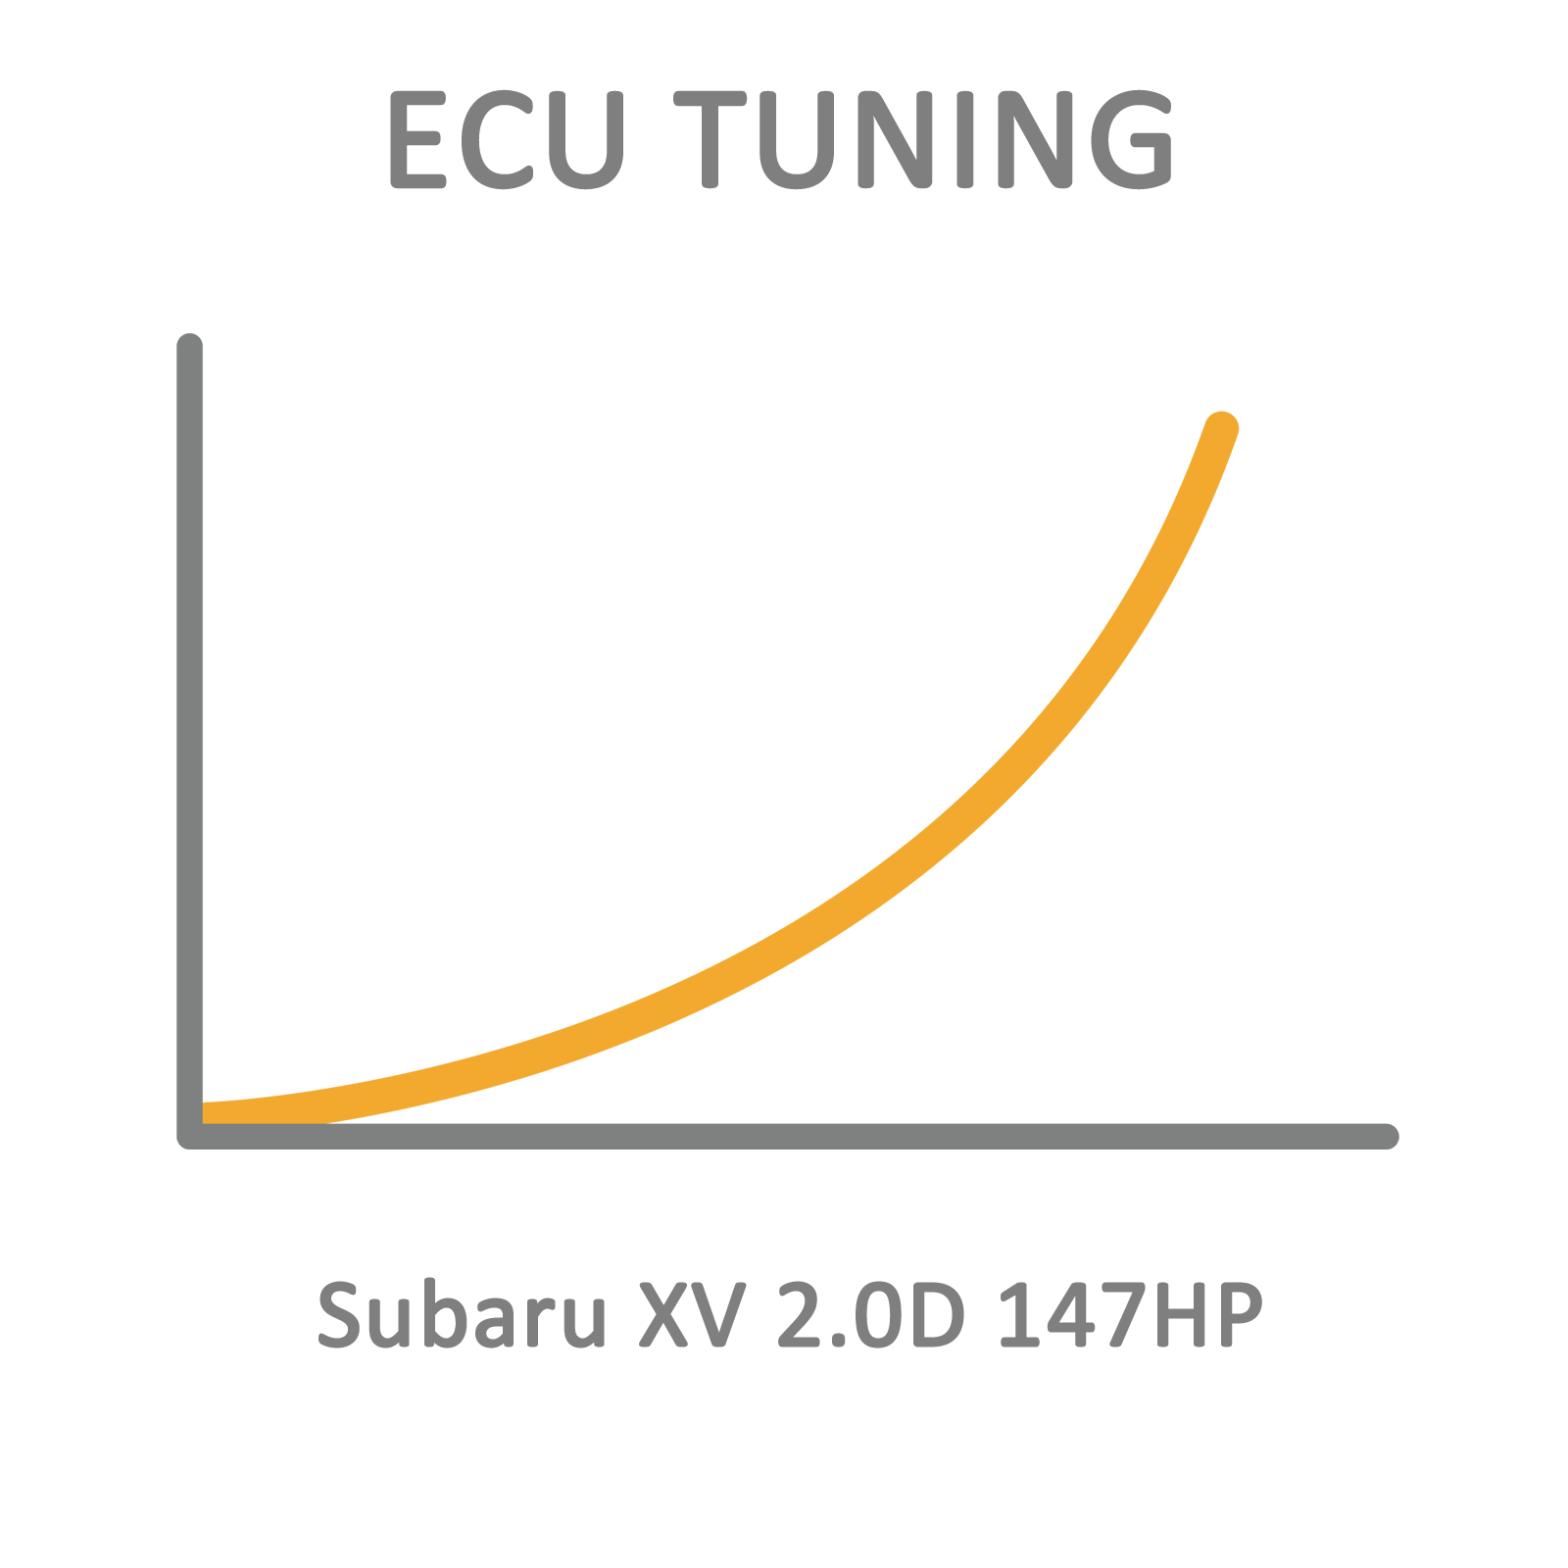 Subaru XV 2.0D 147HP ECU Tuning Remapping Programming